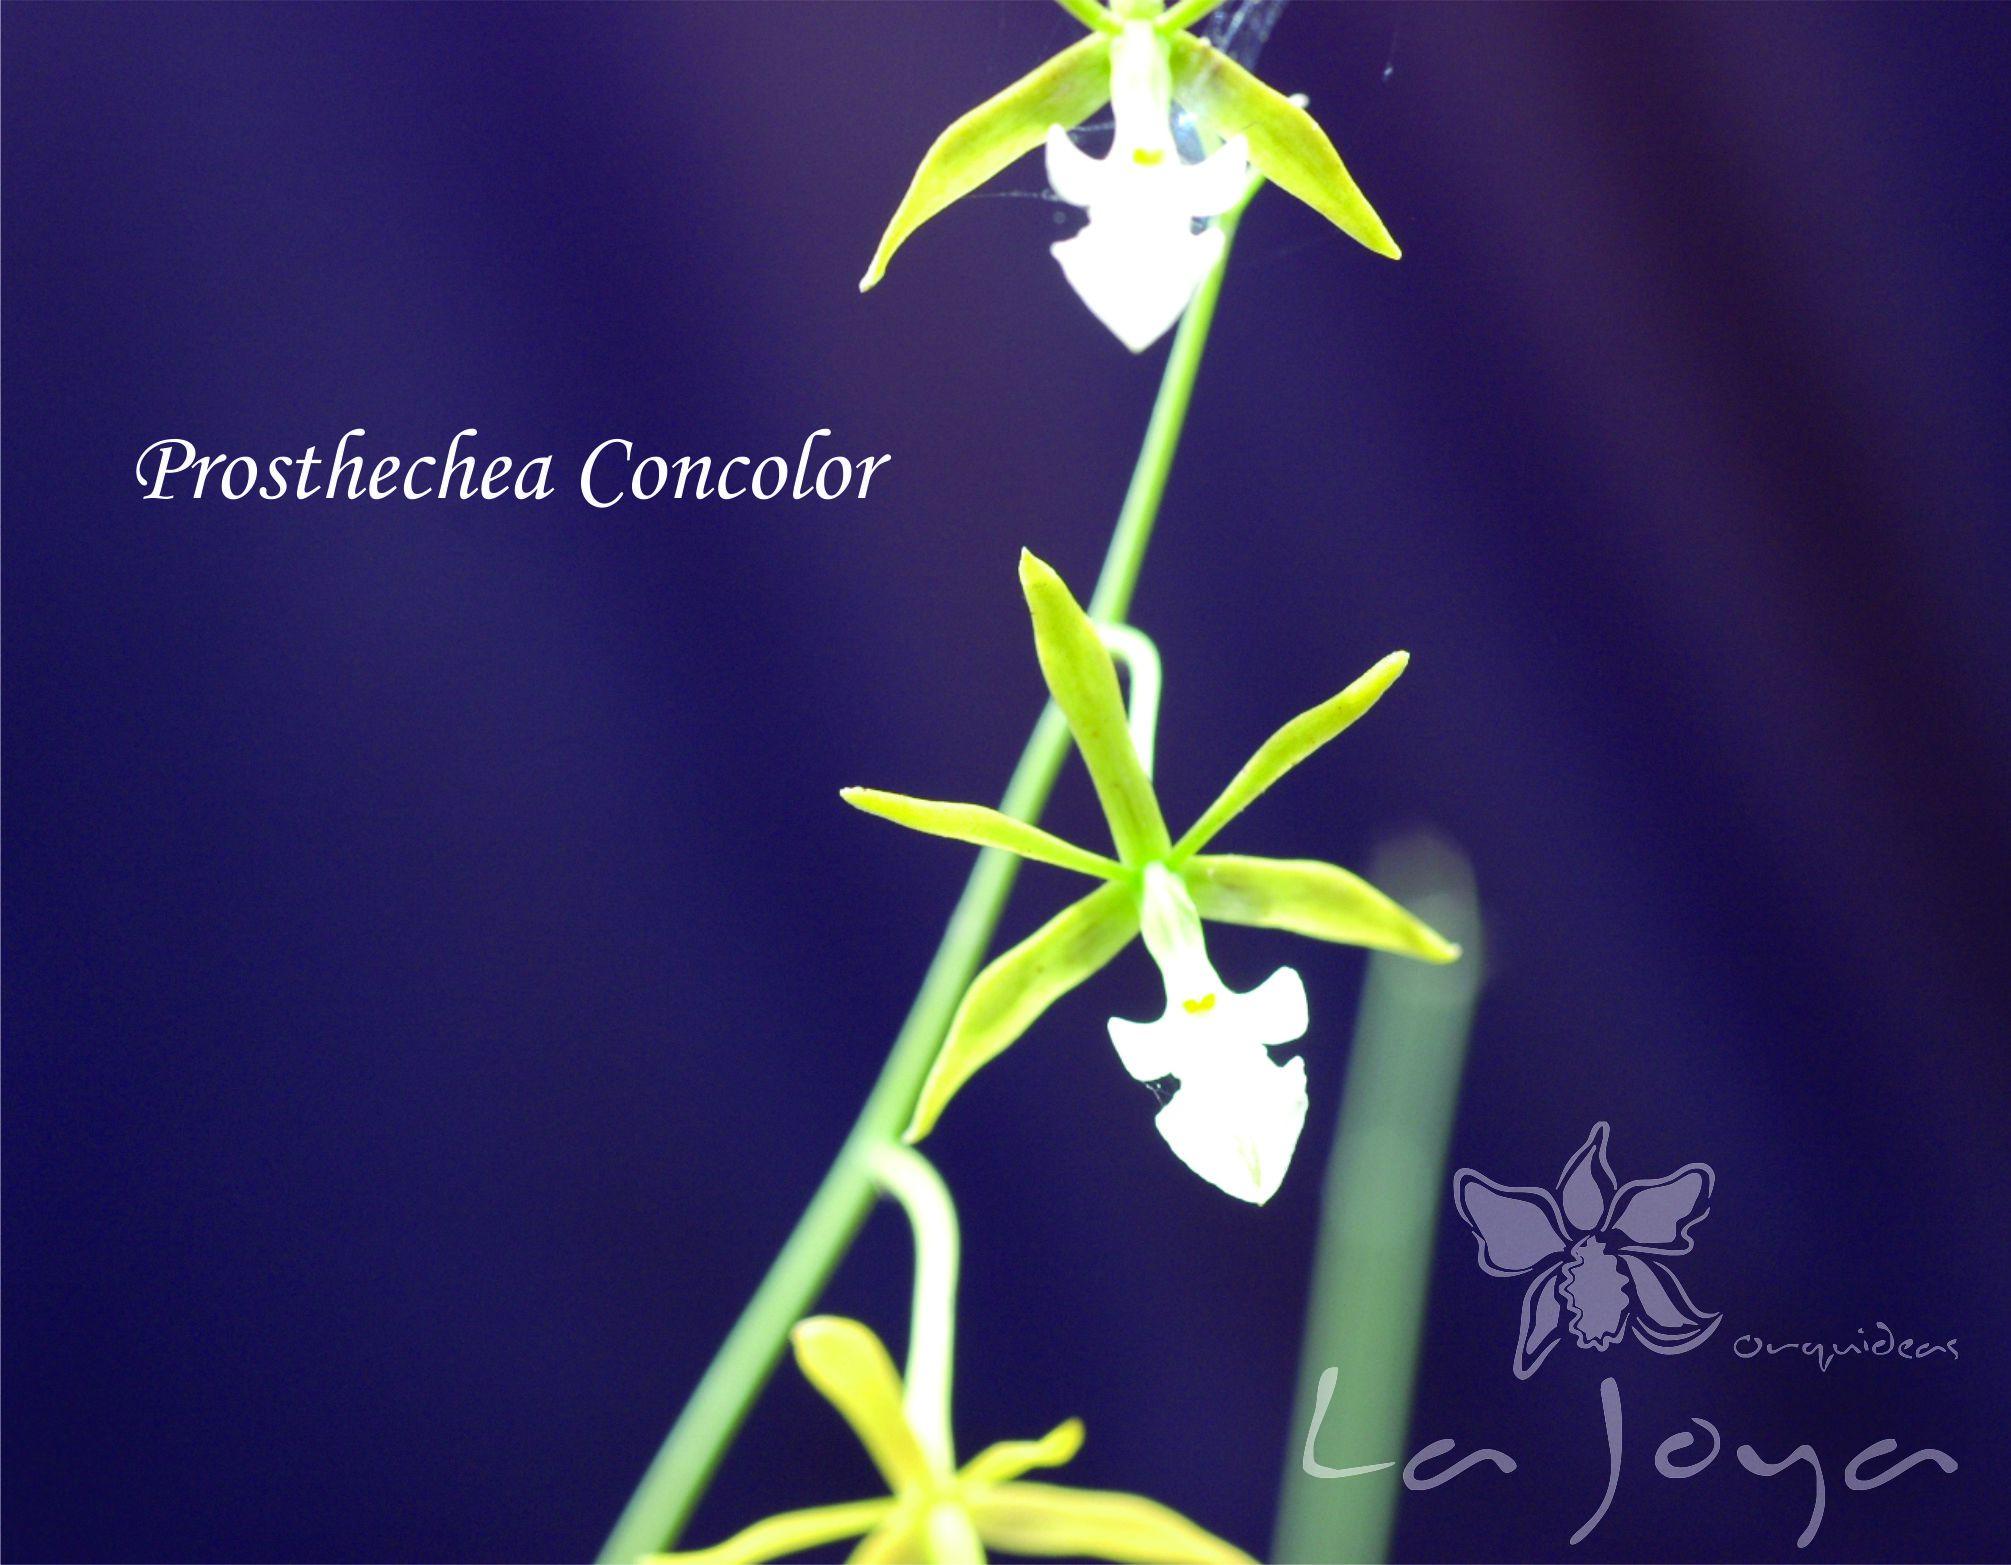 Prostechea Concolor